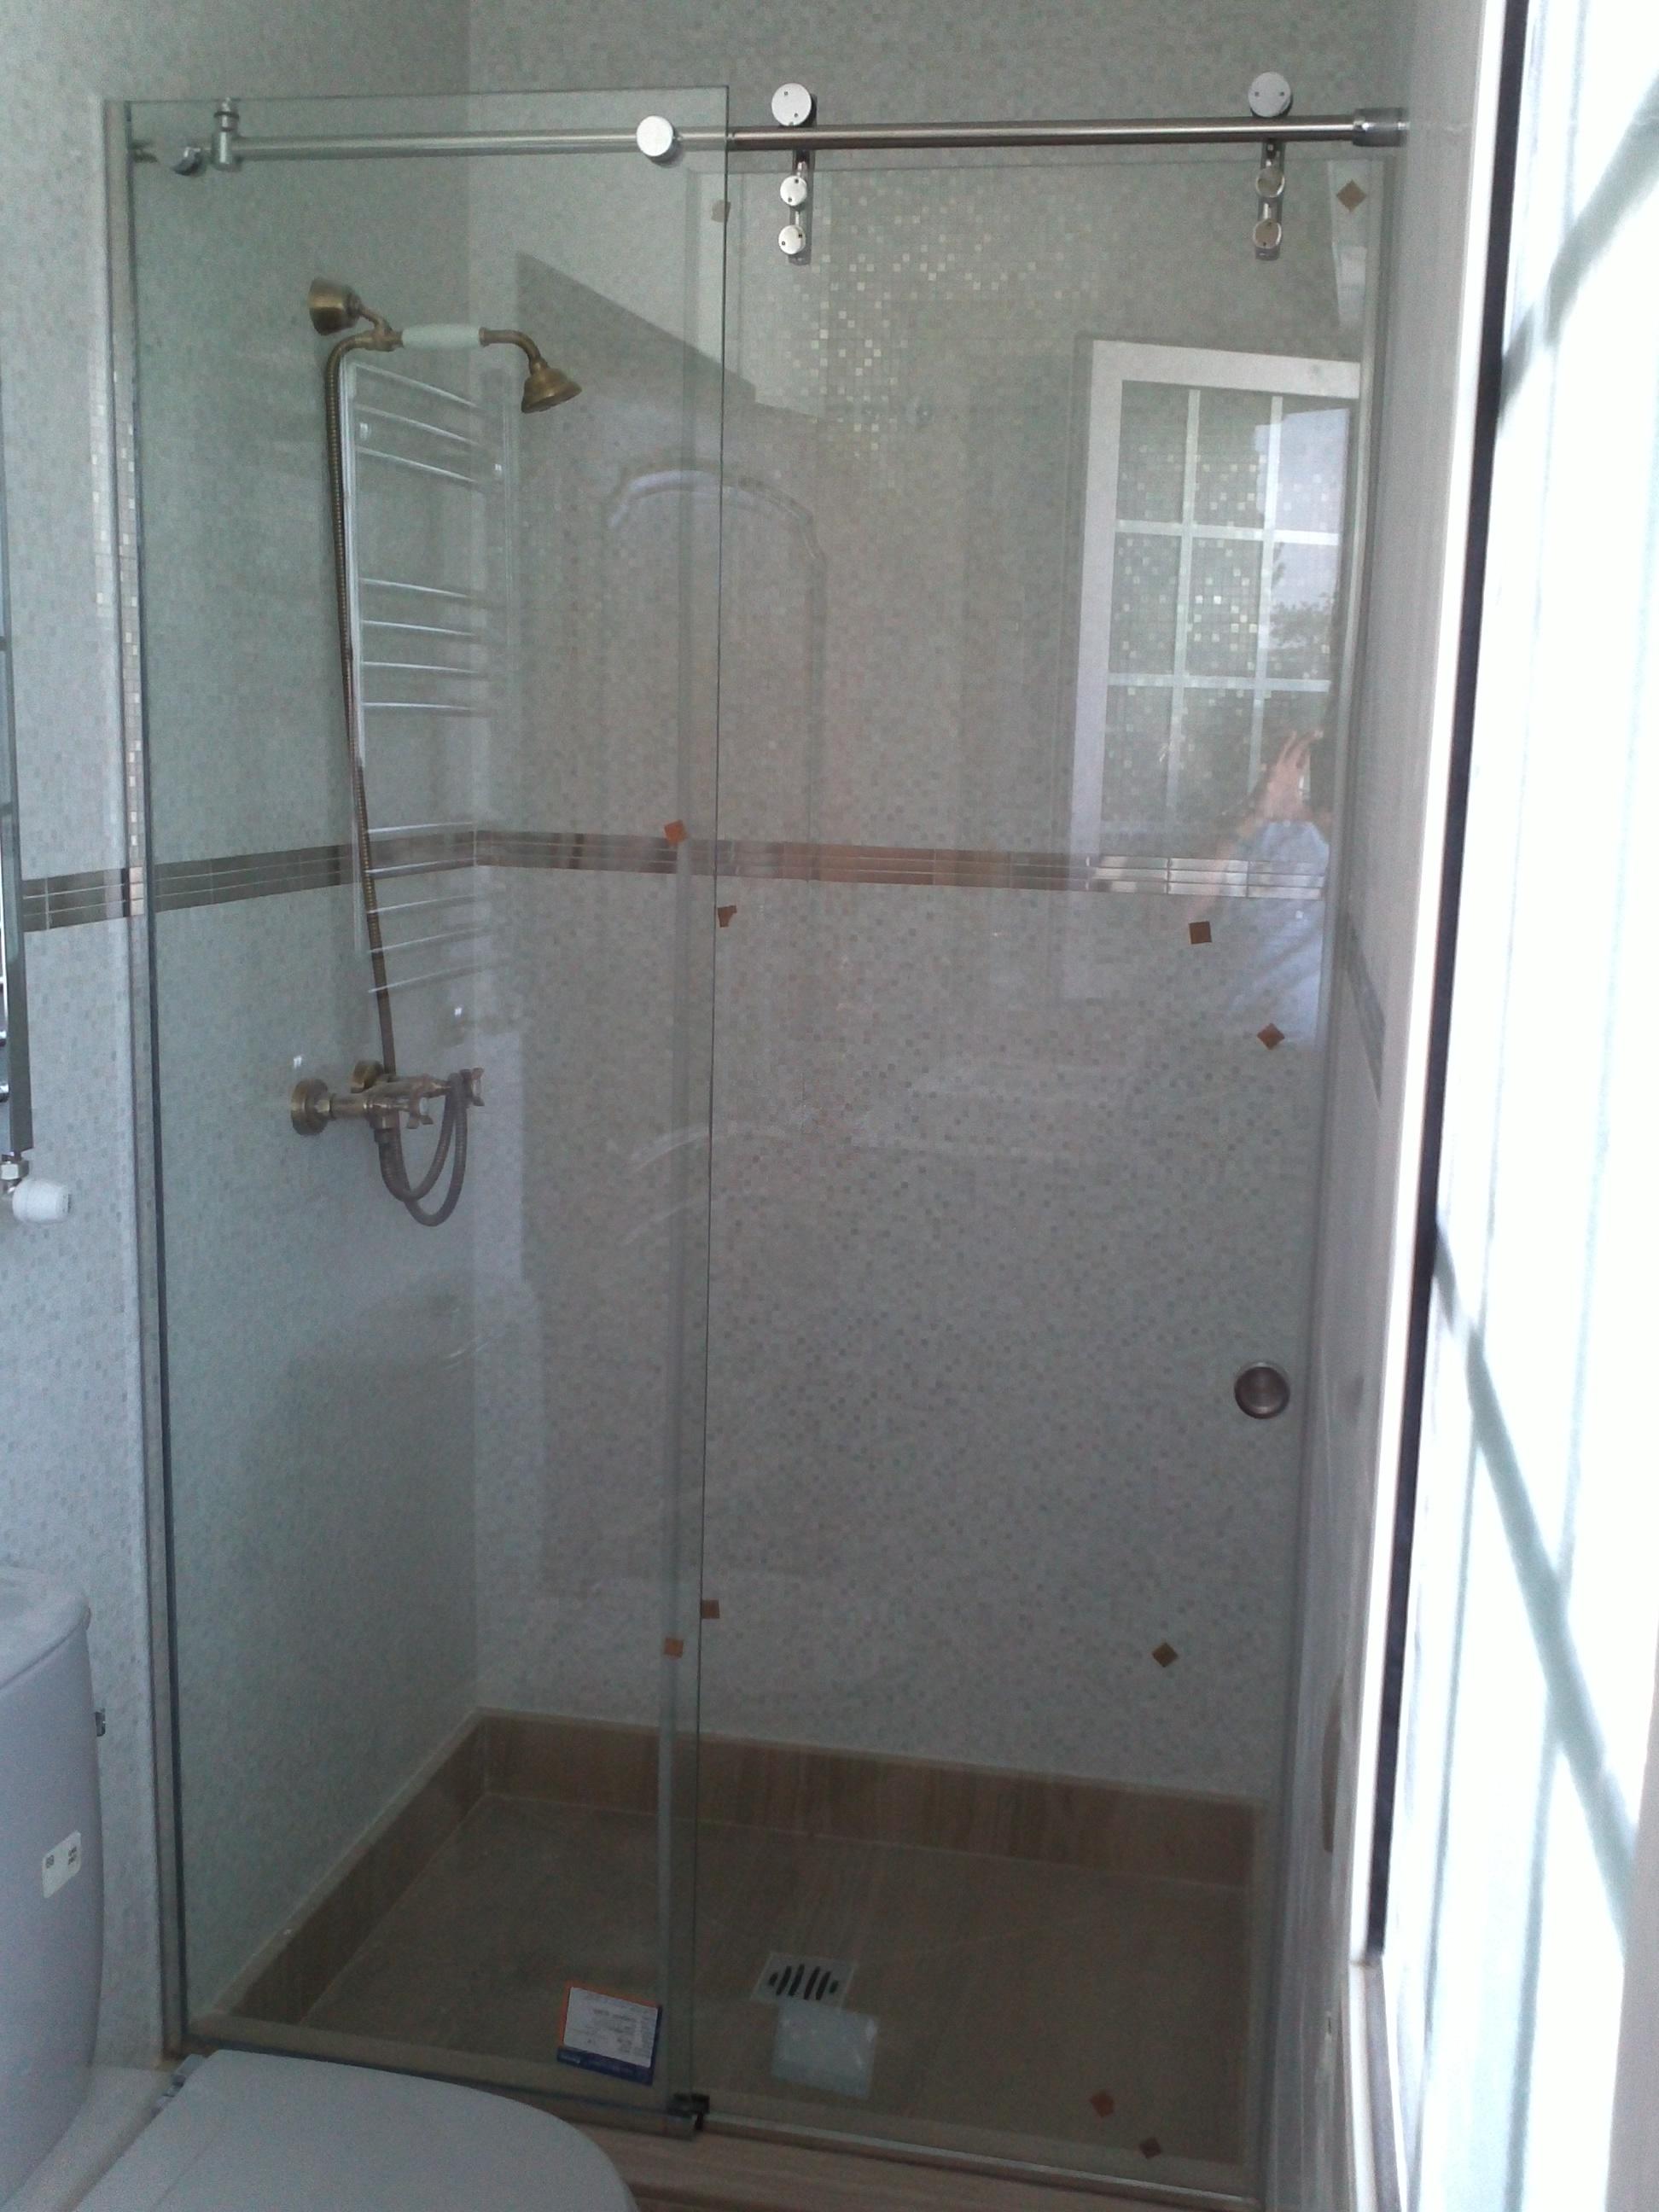 Instalacion y montaje de mamparas correderas de cristal en madrid - Montaje mampara ducha ...